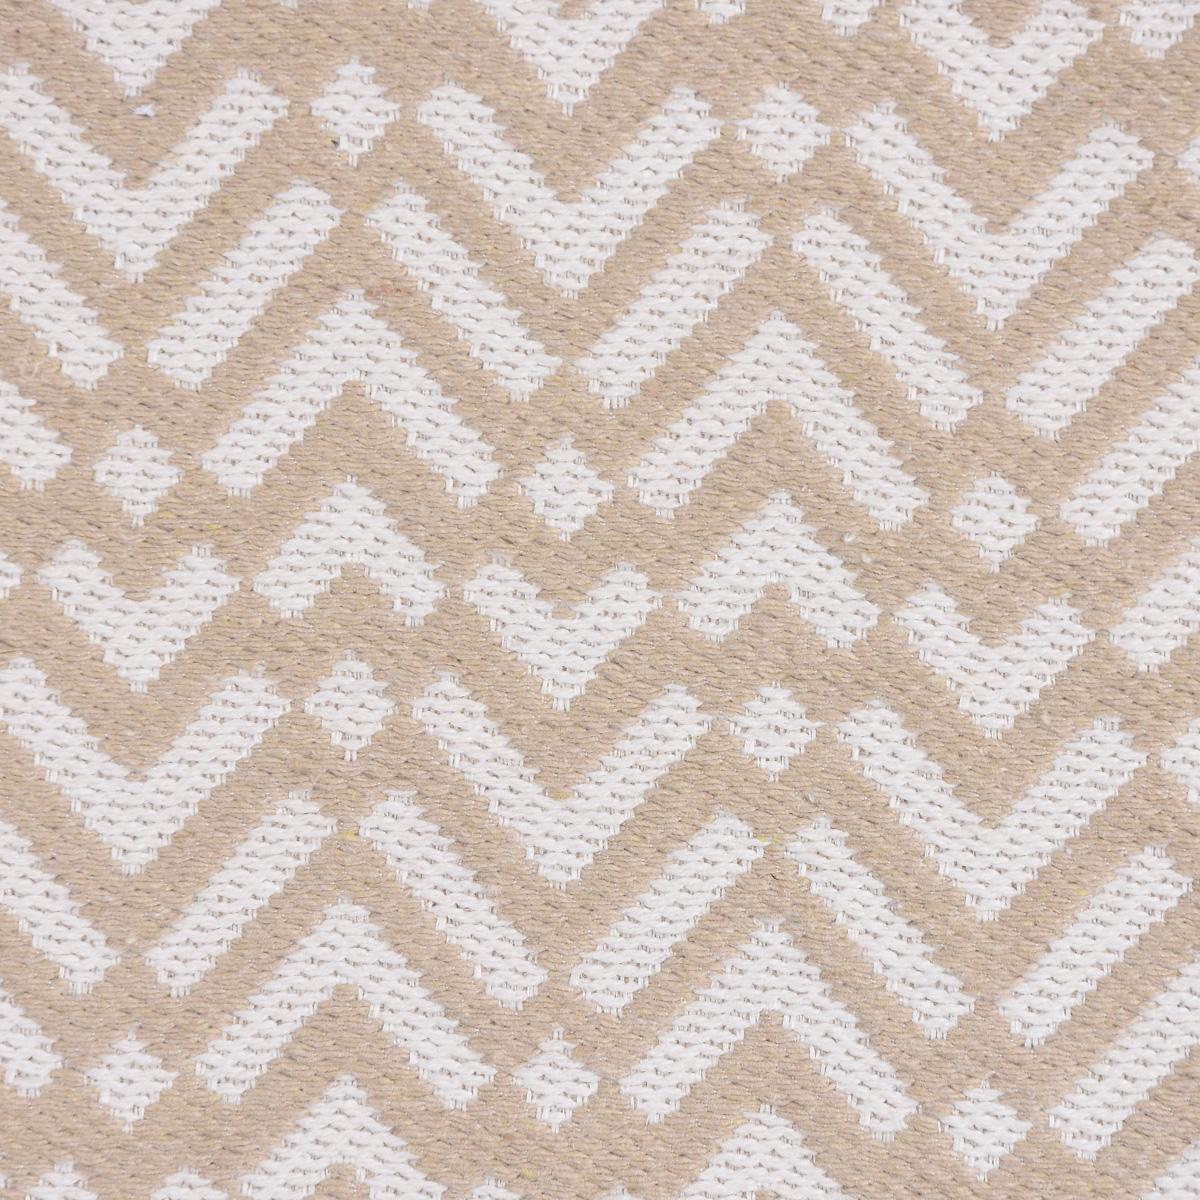 Dekostoff Jacquard-Stoff Strukturstoff abstrakt beige creme 270cm Breite